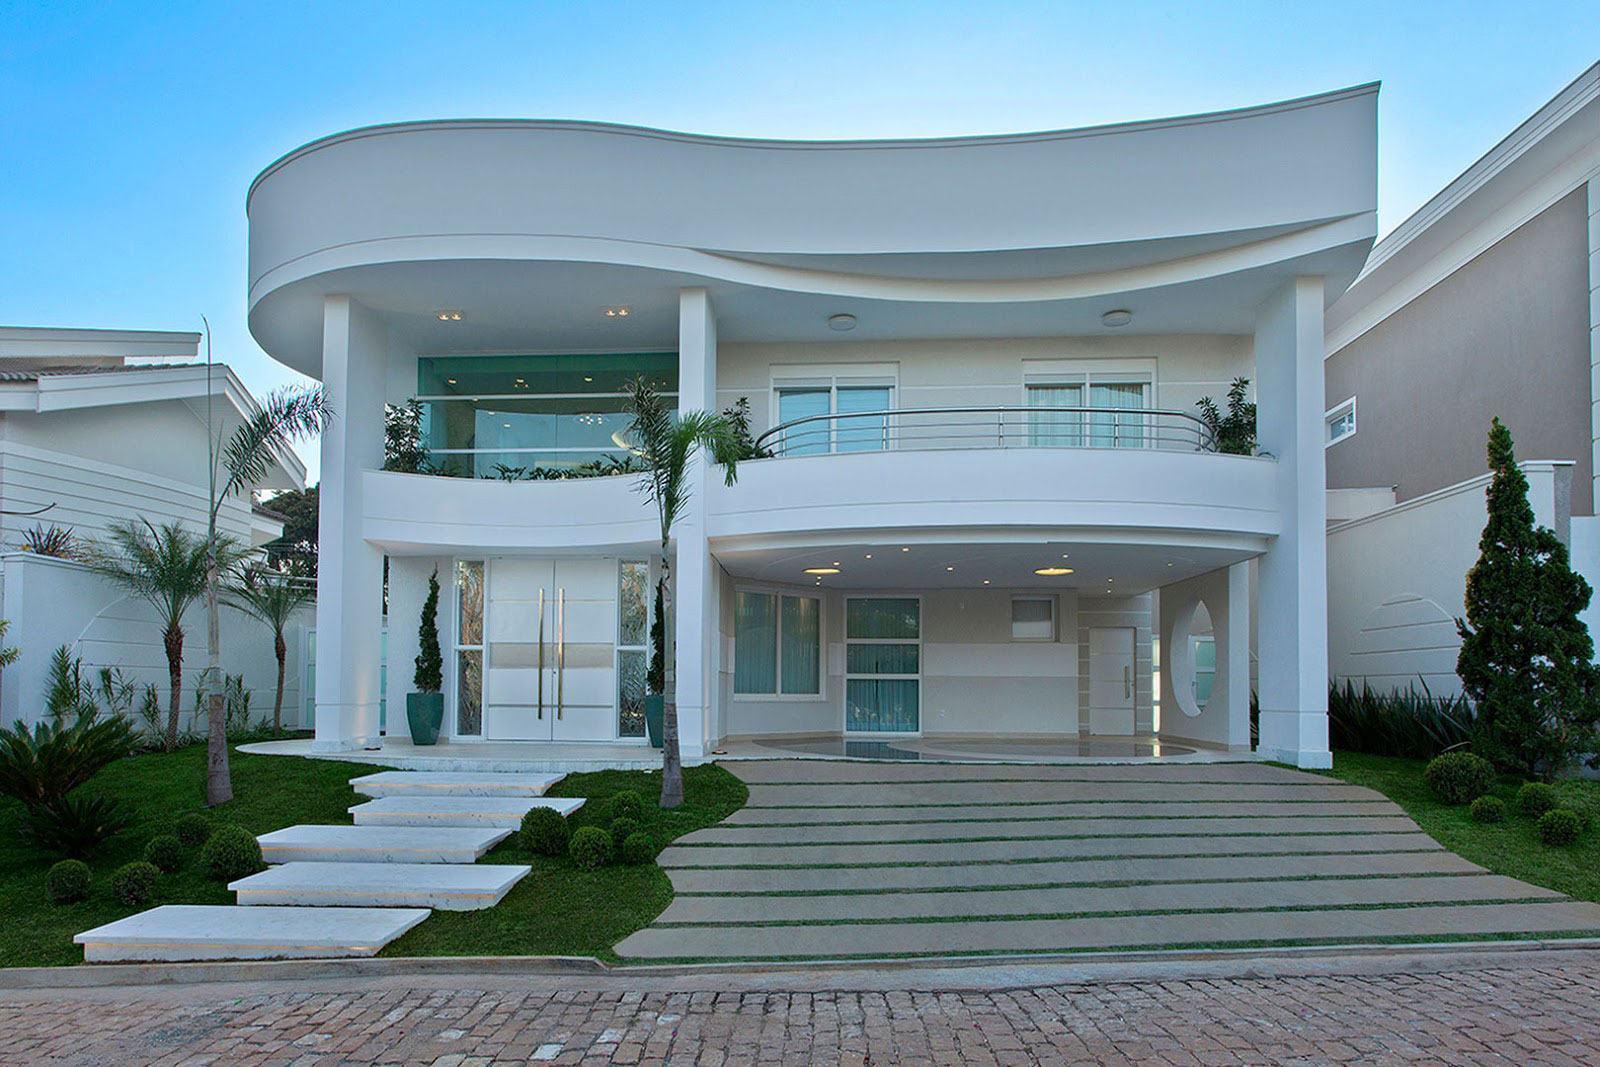 Casa com telhado embutido e platibanda branca